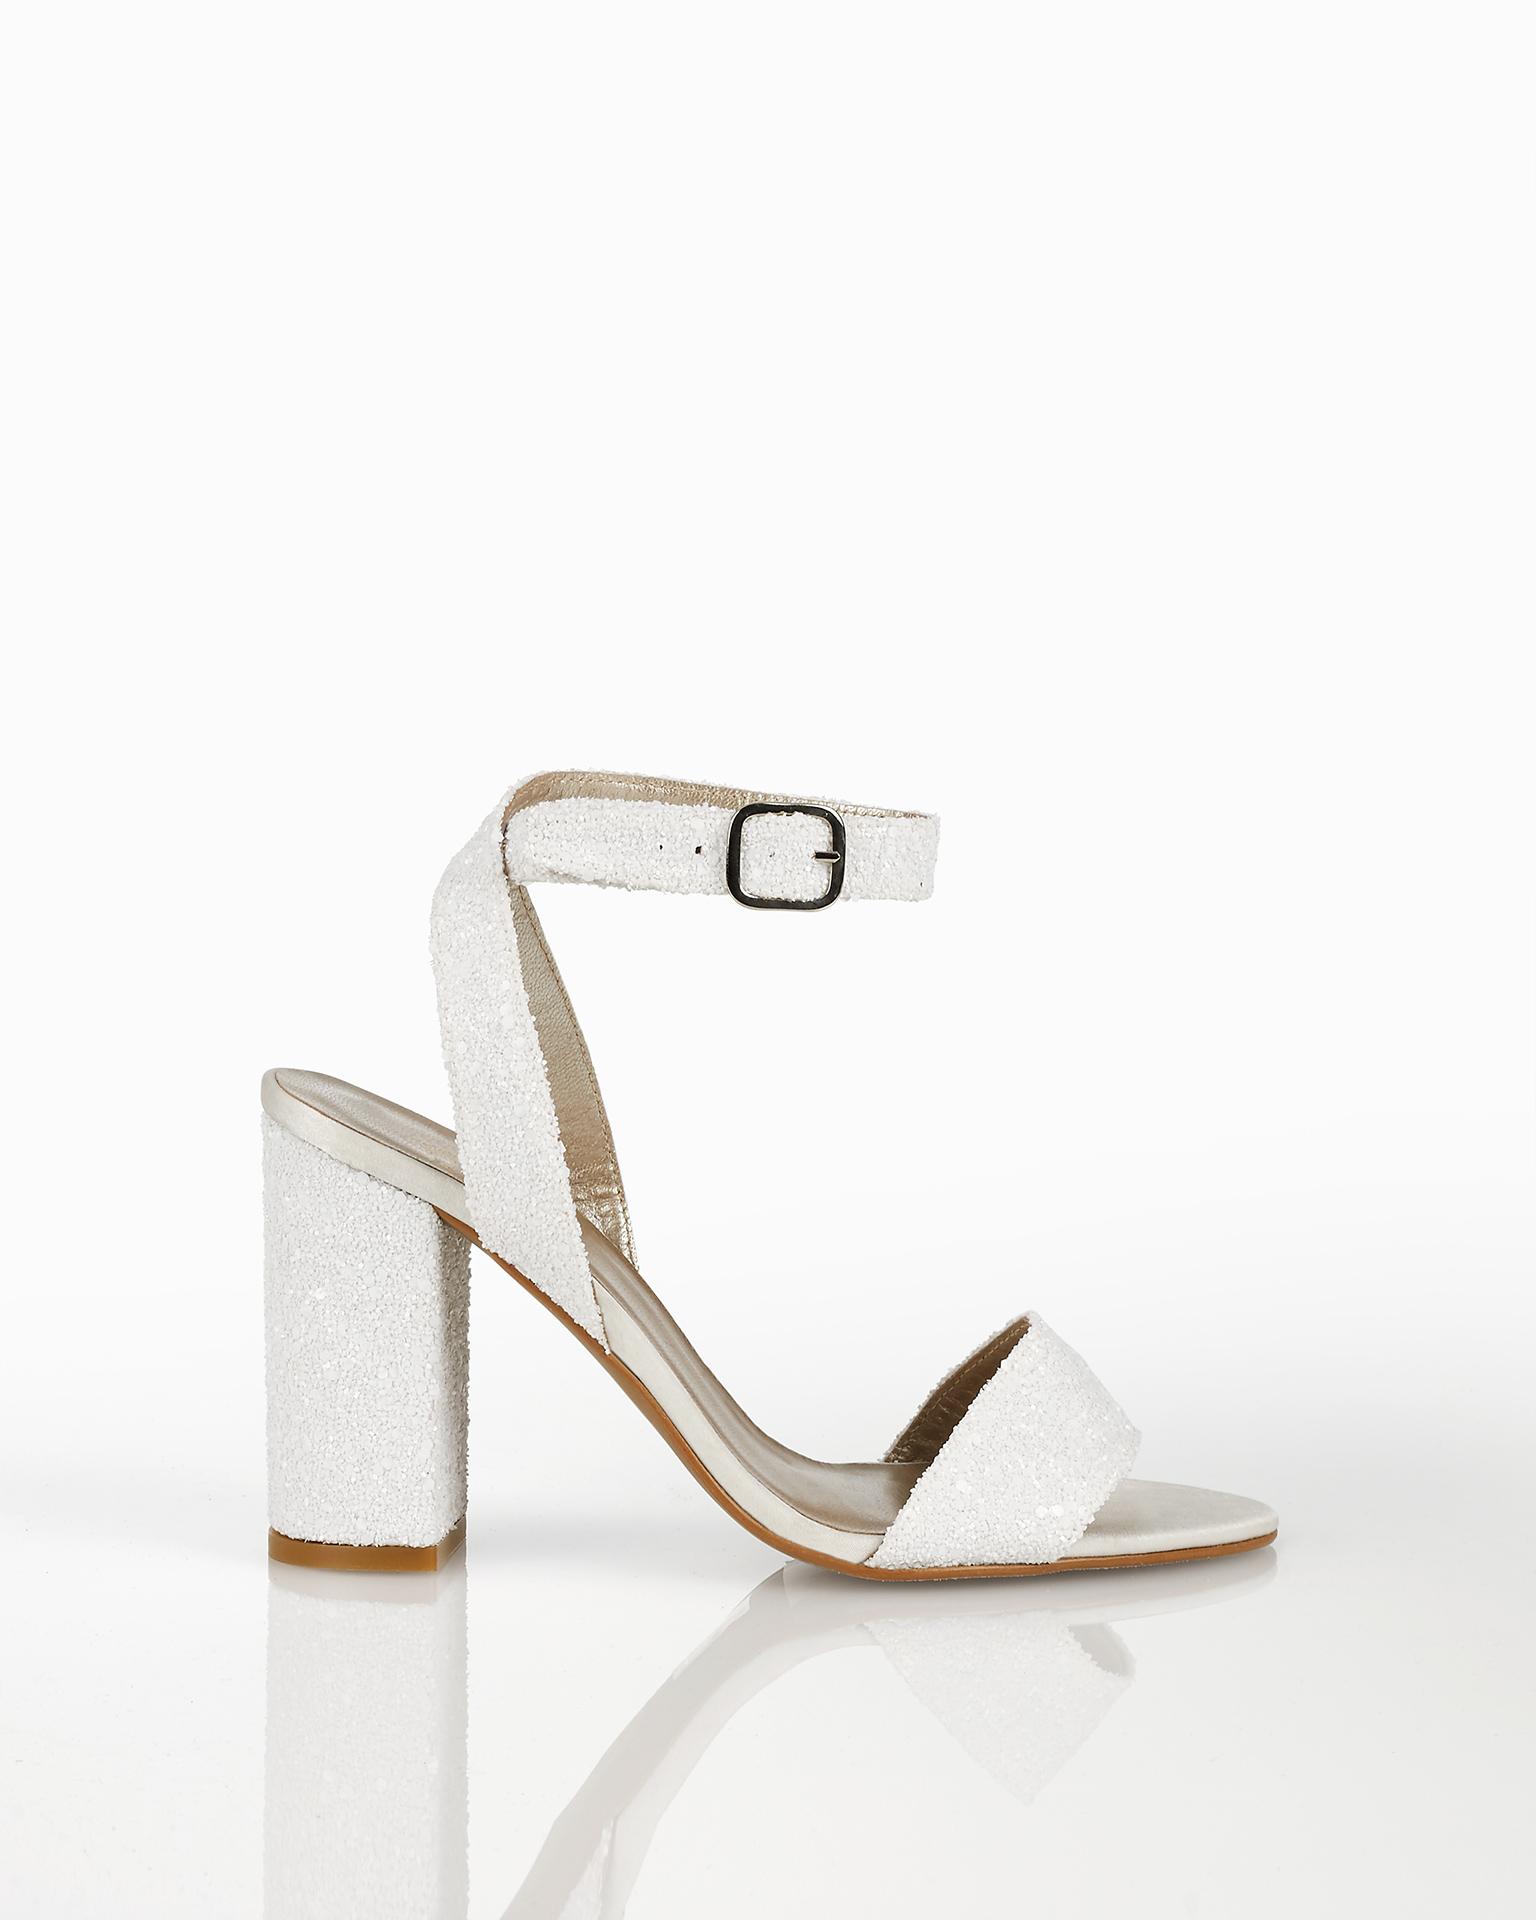 Sandali da sposa con brillantini con tacco medio, disponibili in colore bianco e argento. Collezione AIRE BARCELONA 2018.